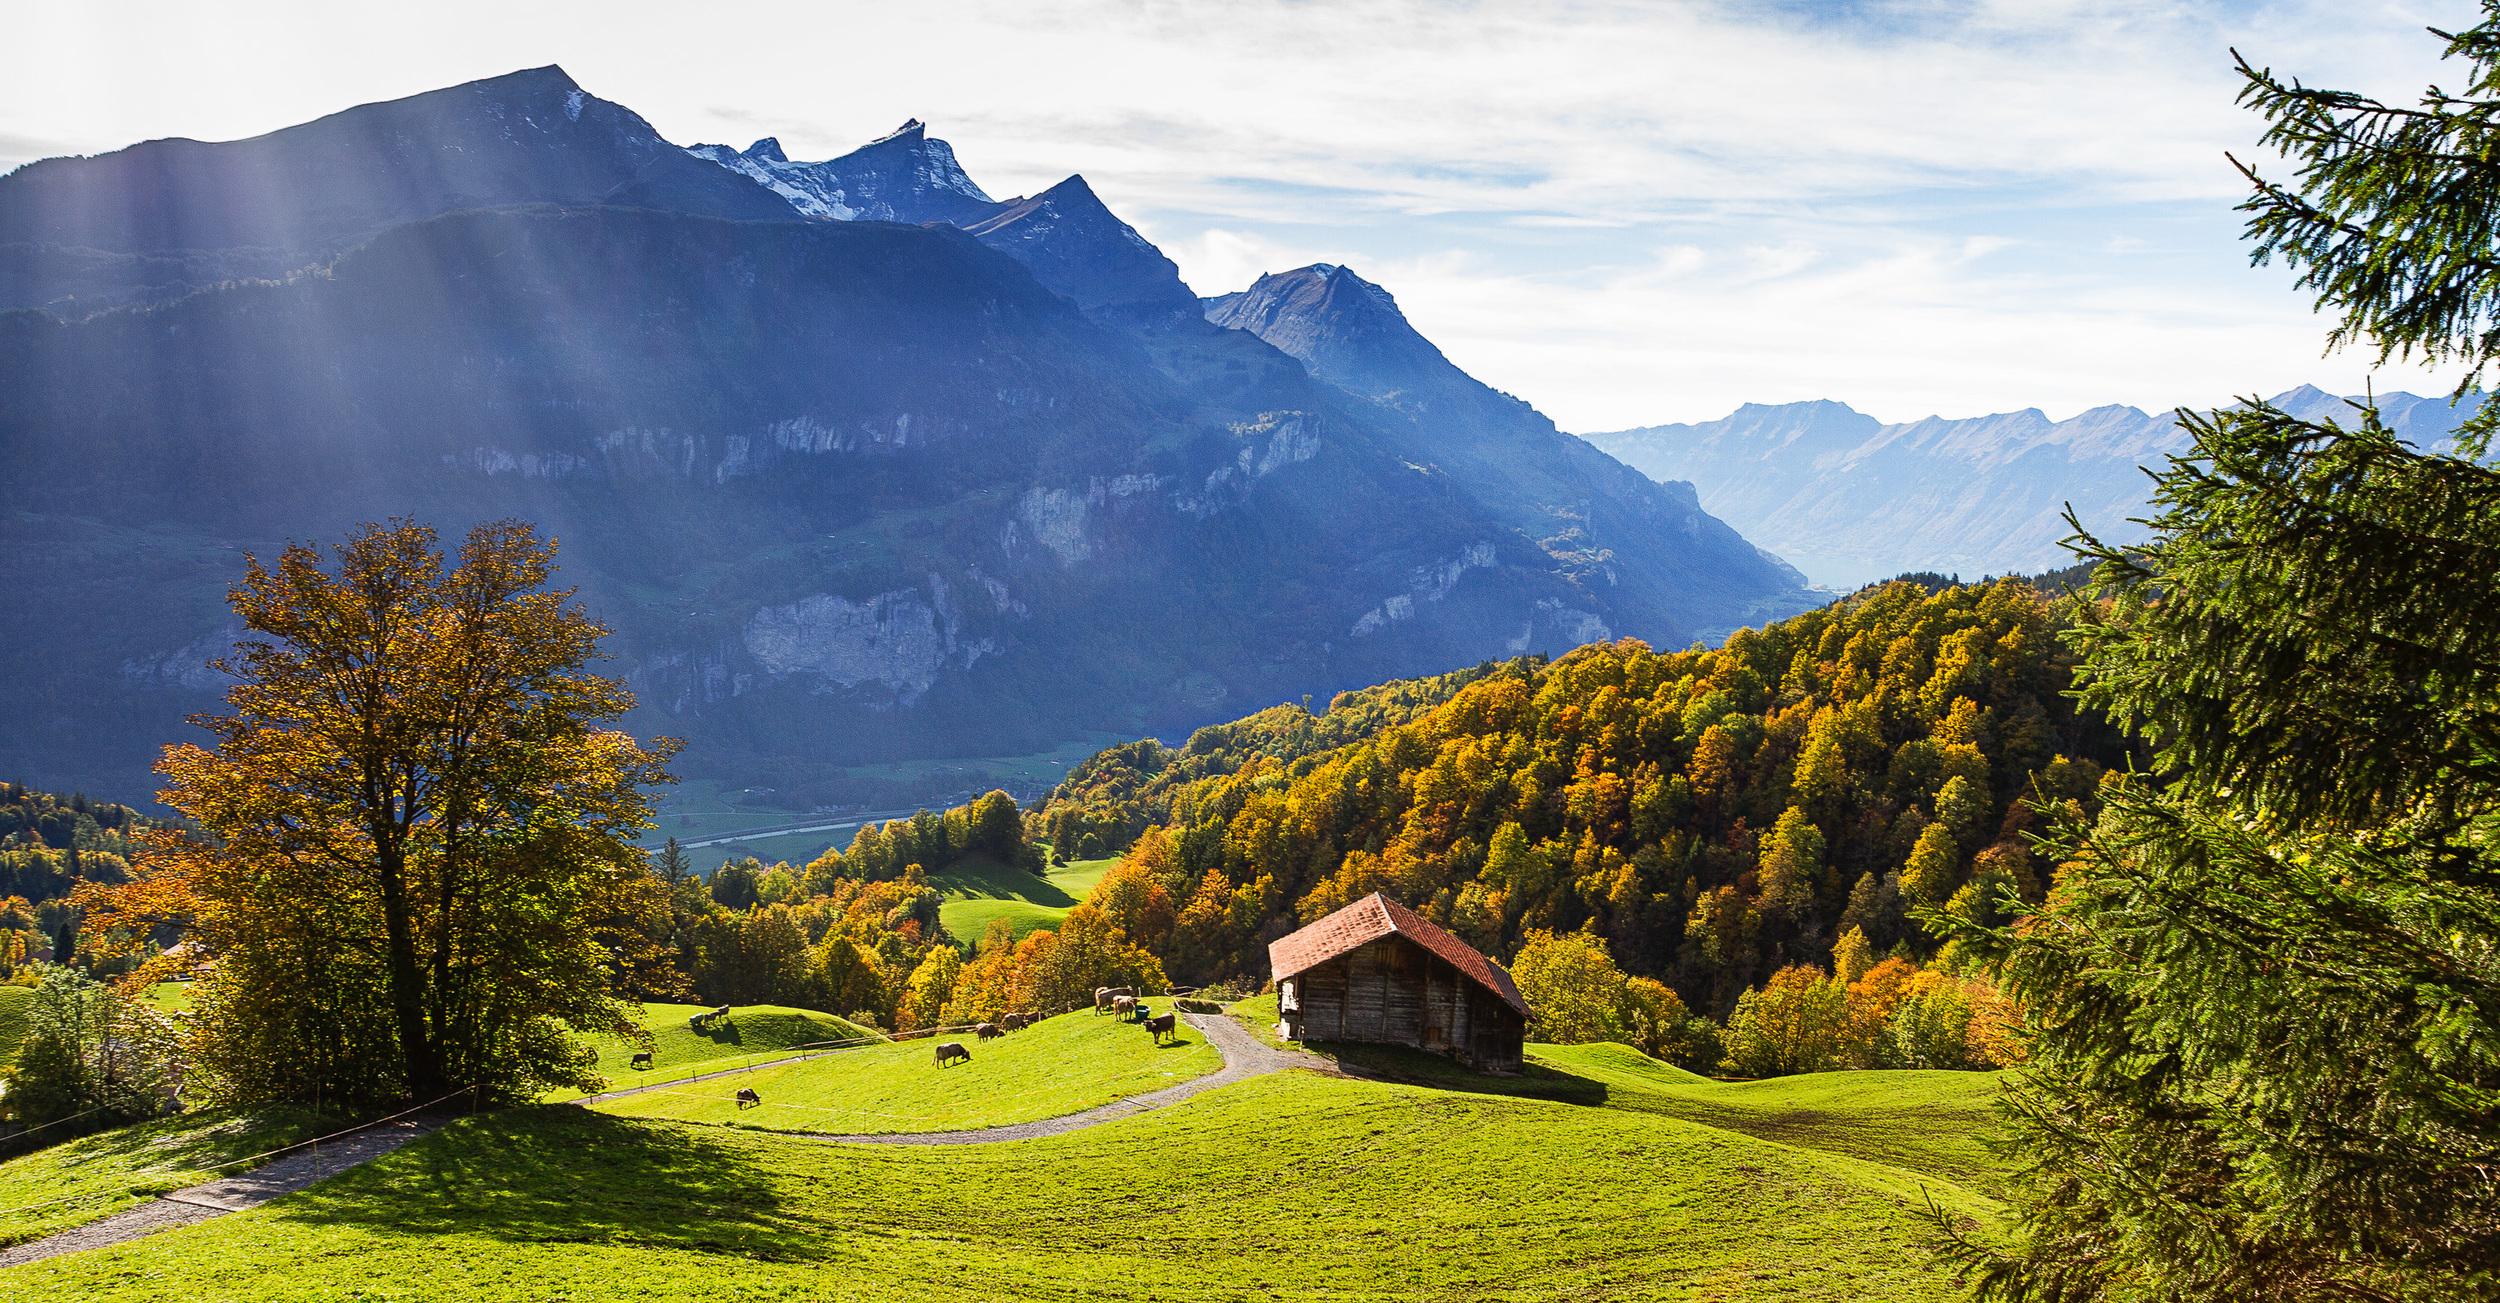 Hasliberg - Switzerland